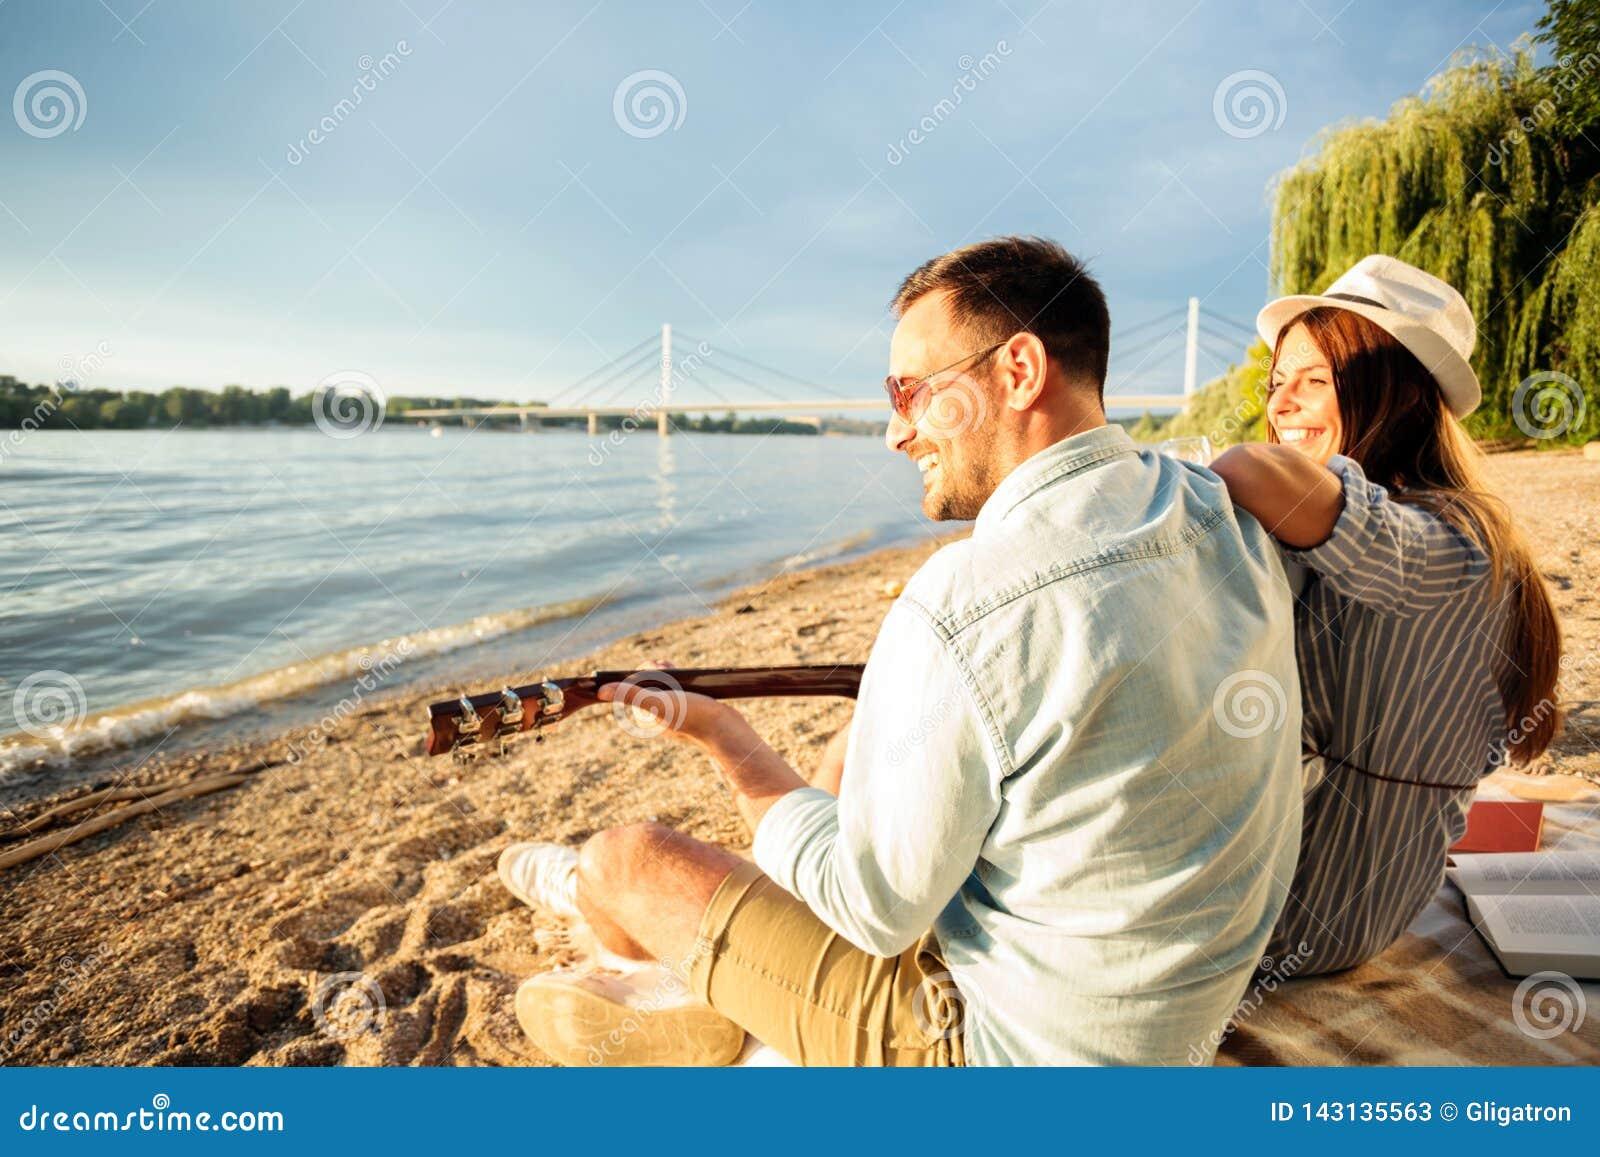 Ευτυχές νέο ζεύγος που έχει έναν μεγάλο χρόνο μαζί στην παραλία, κιθάρα παιχνιδιού